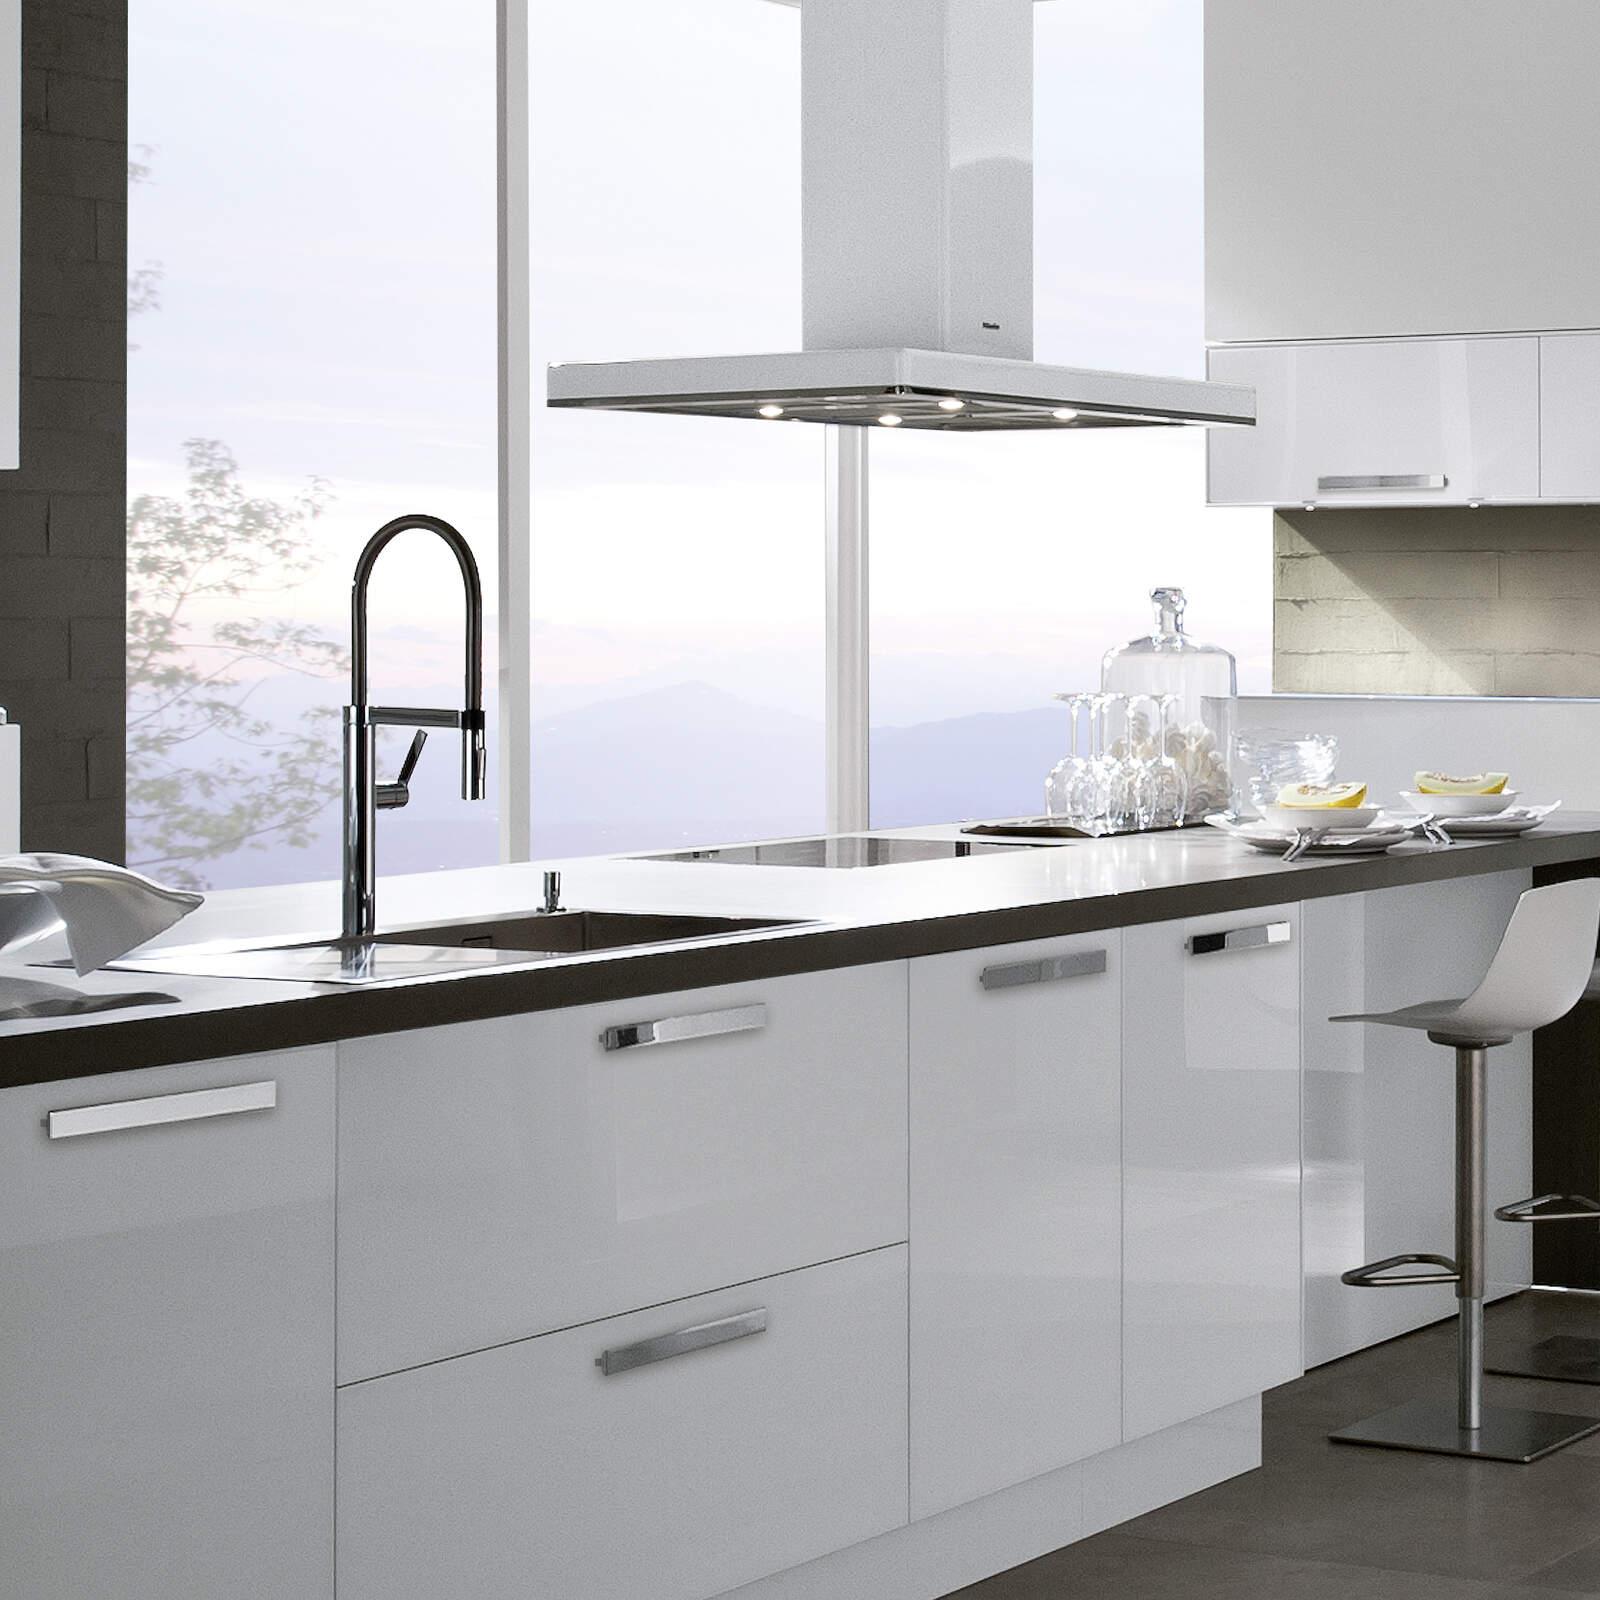 Full Size of Küchenschrank Griffe Schrankgriffe Fr Kchenschrnke Hano Kchen Küche Möbelgriffe Wohnzimmer Küchenschrank Griffe